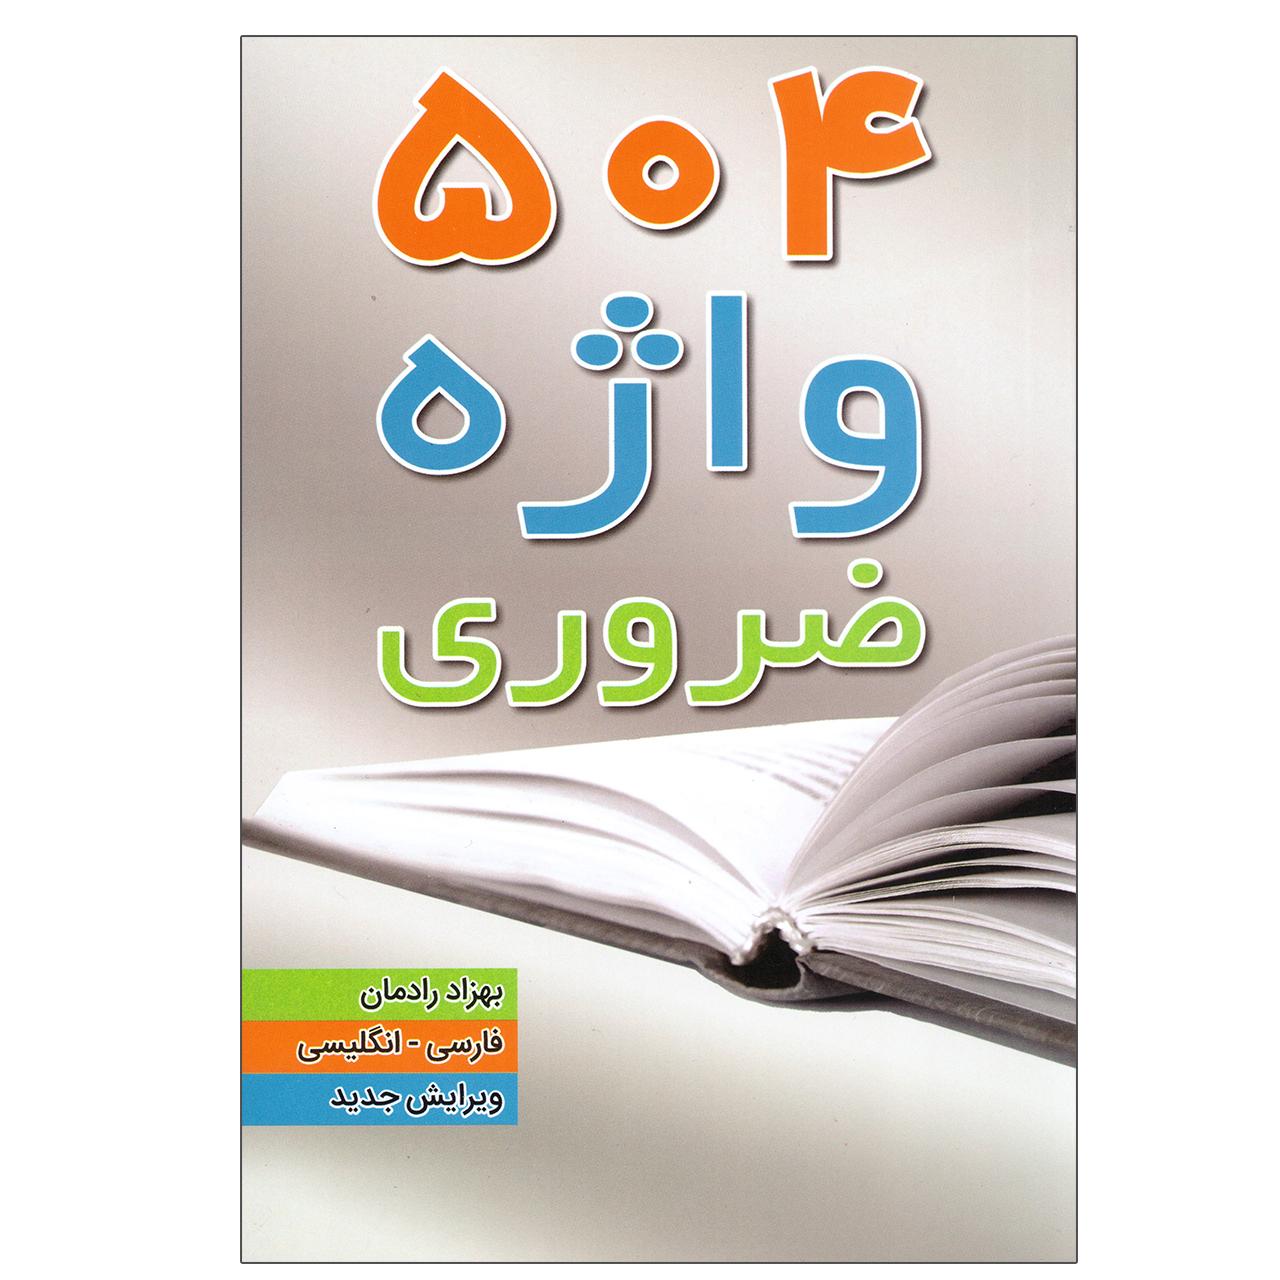 کتاب 504 واژه ضروری اثر بهزاد رادمان انتشارات قلم مهر